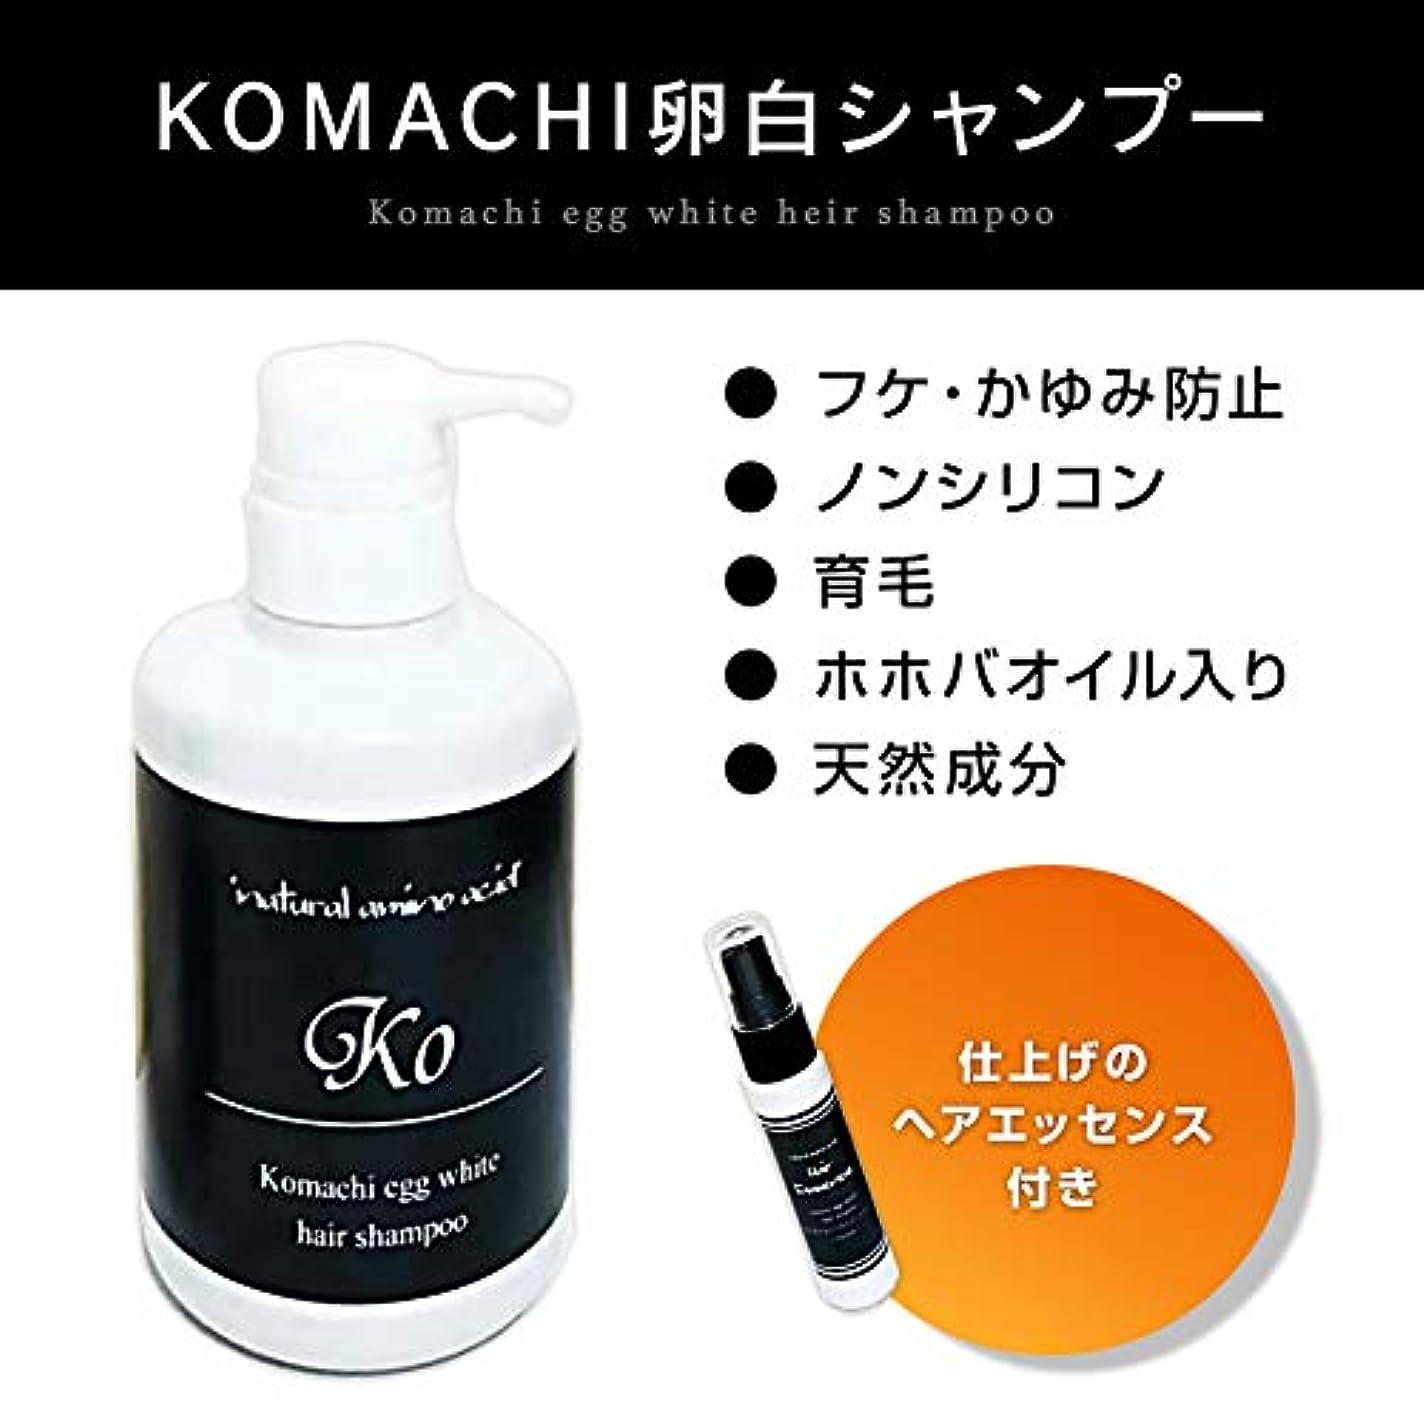 昼間折遅滞KOMACHI シャンプー メンズ 無添加 人気 オーガニック ノンシリコン 日本製 ホホバオイル入り ヘアエッセンス付きシャンプー セット